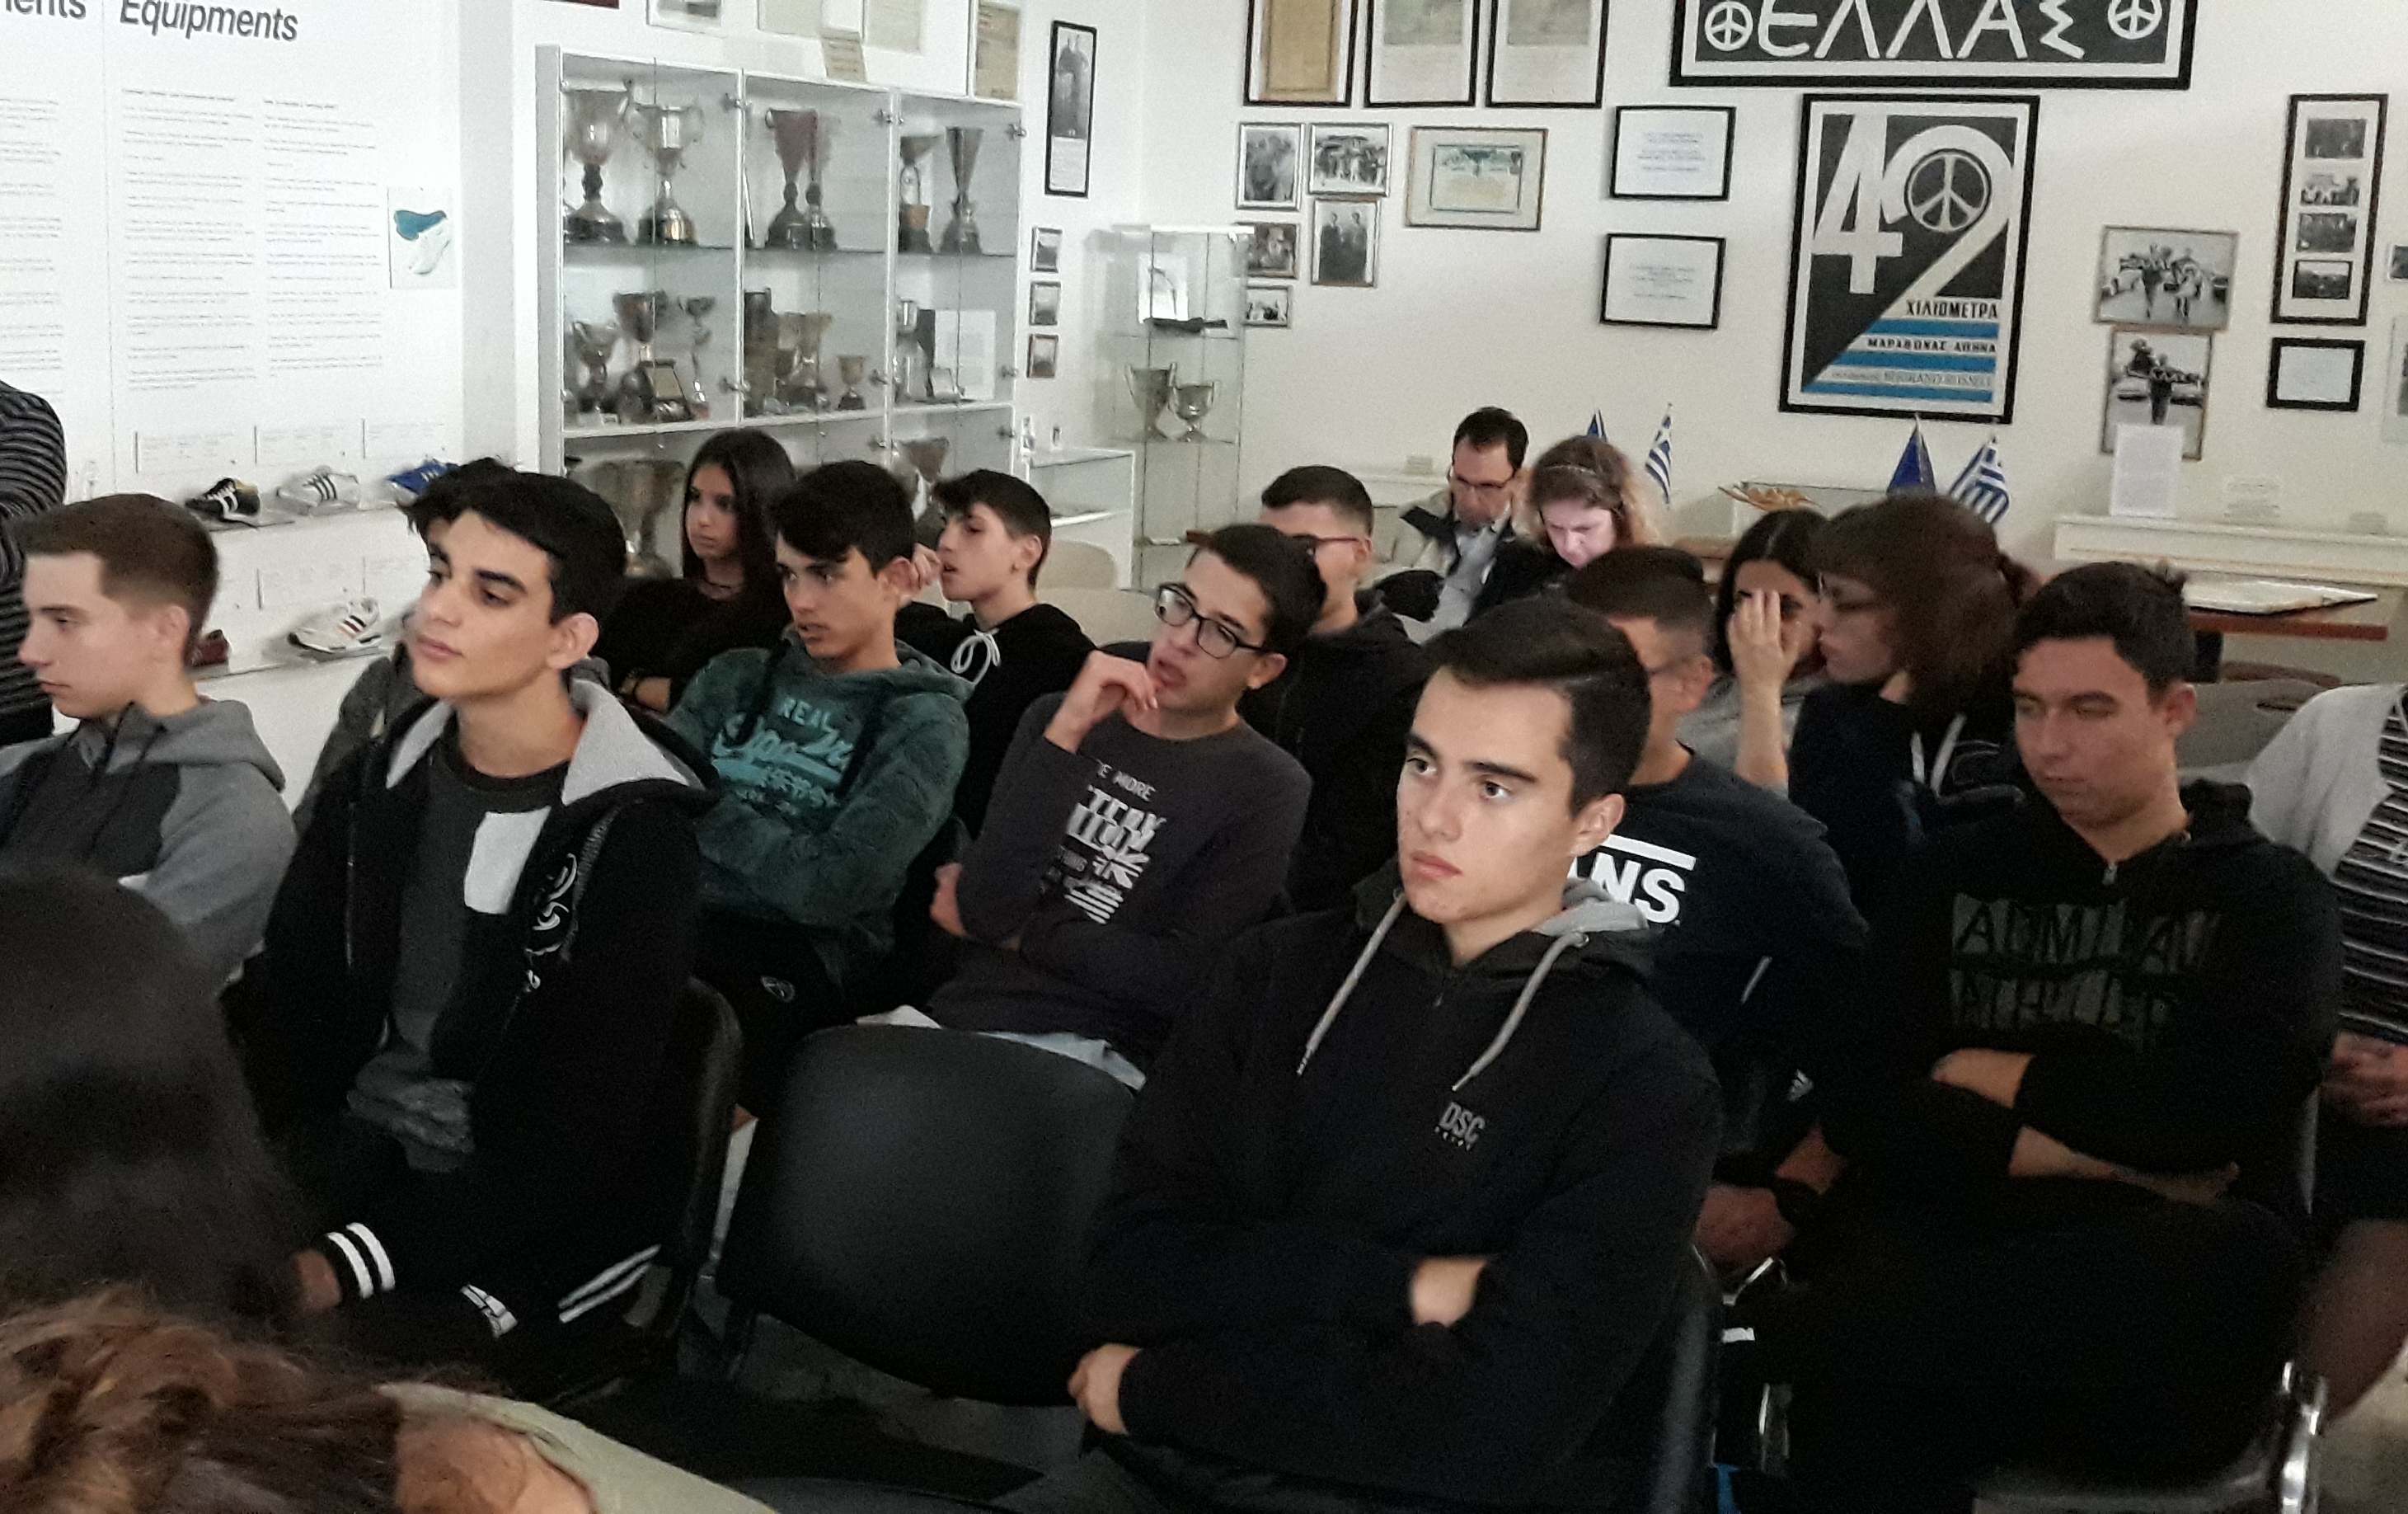 Παρακολούθηση ξενάγησης στο Μουσείο Μαραθωνίου Δρόμου